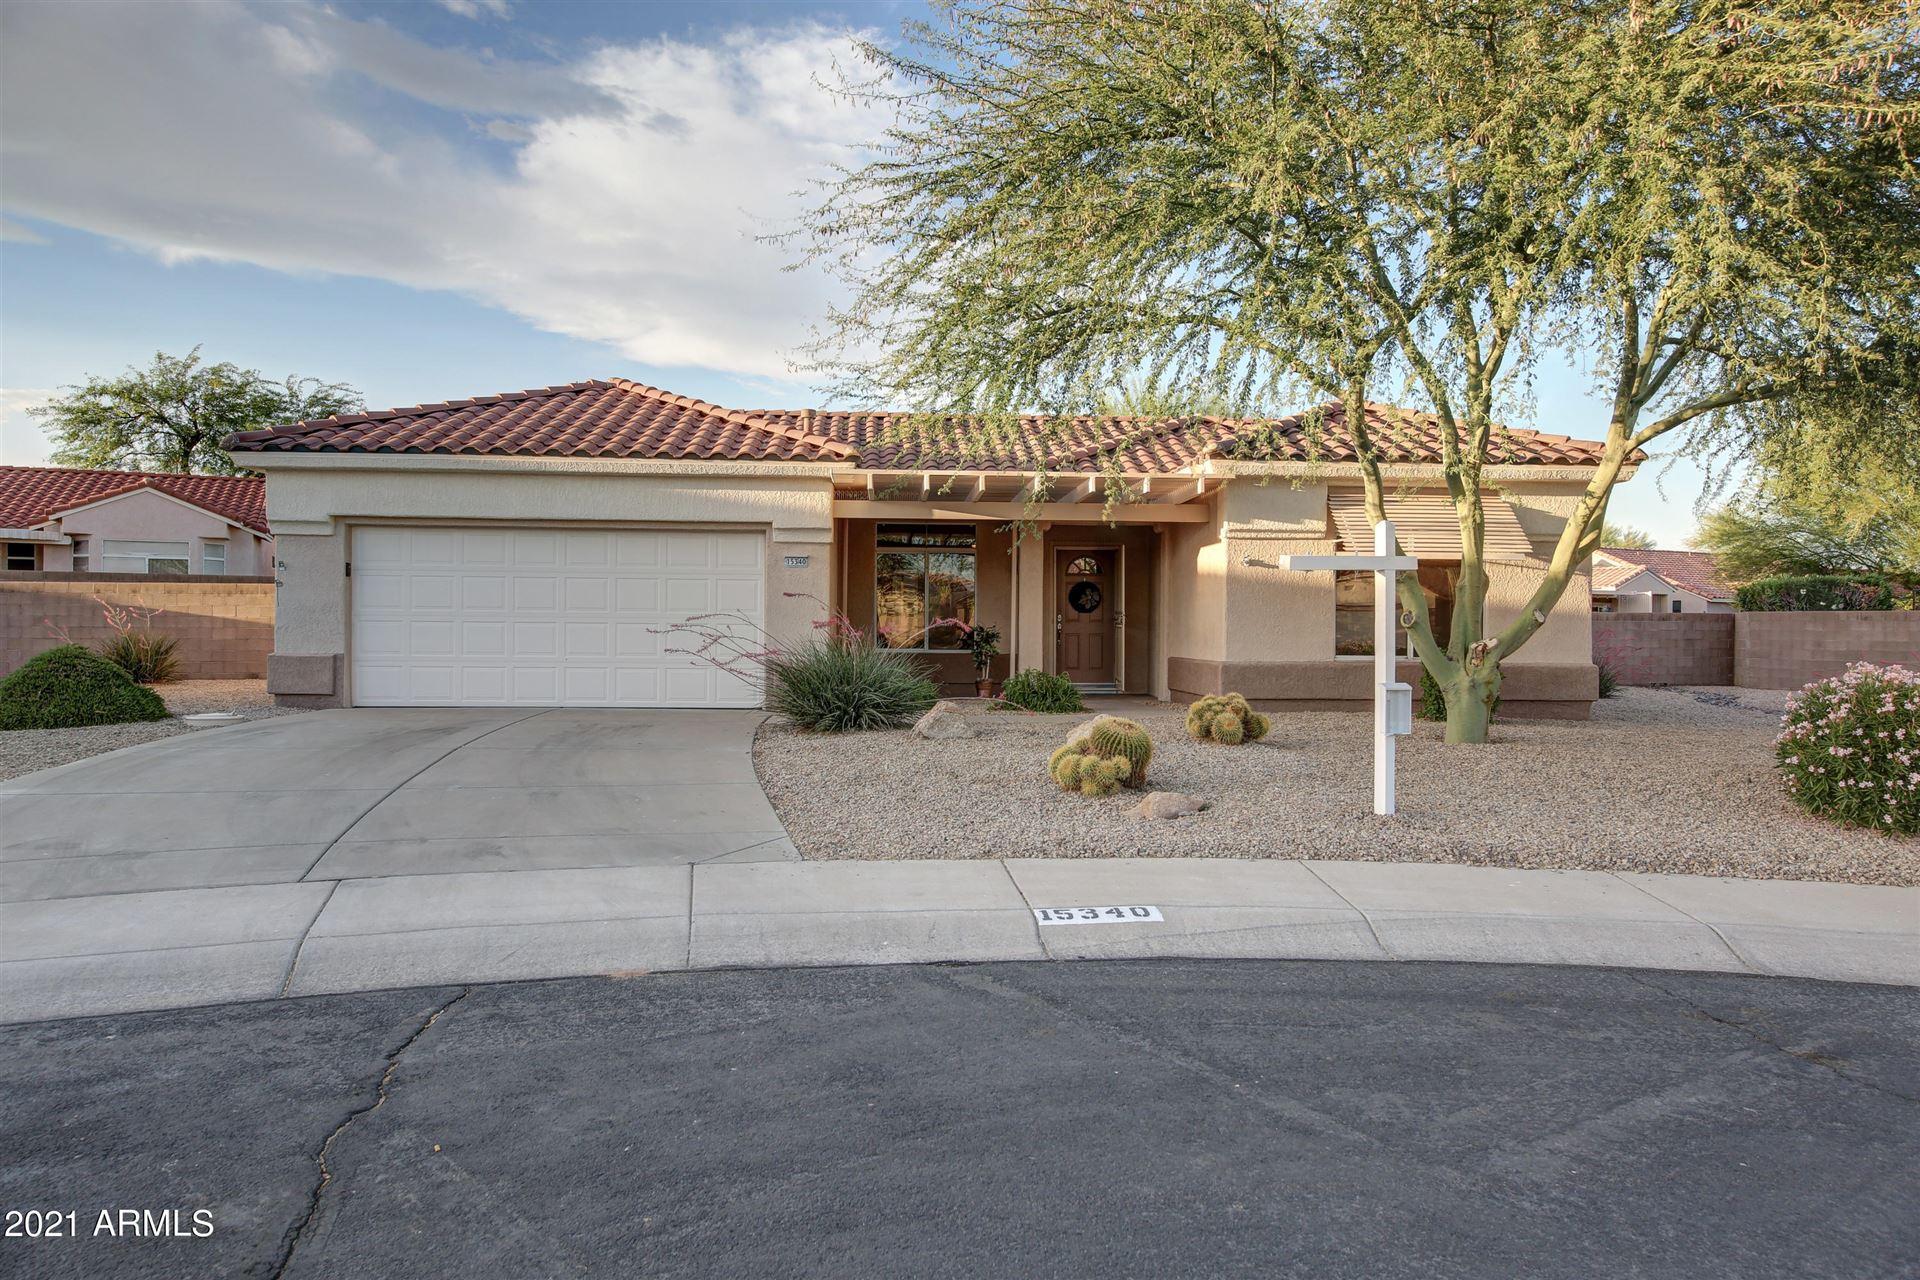 15340 W VIA MONTOYA --, Sun City West, AZ 85375 - MLS#: 6245617